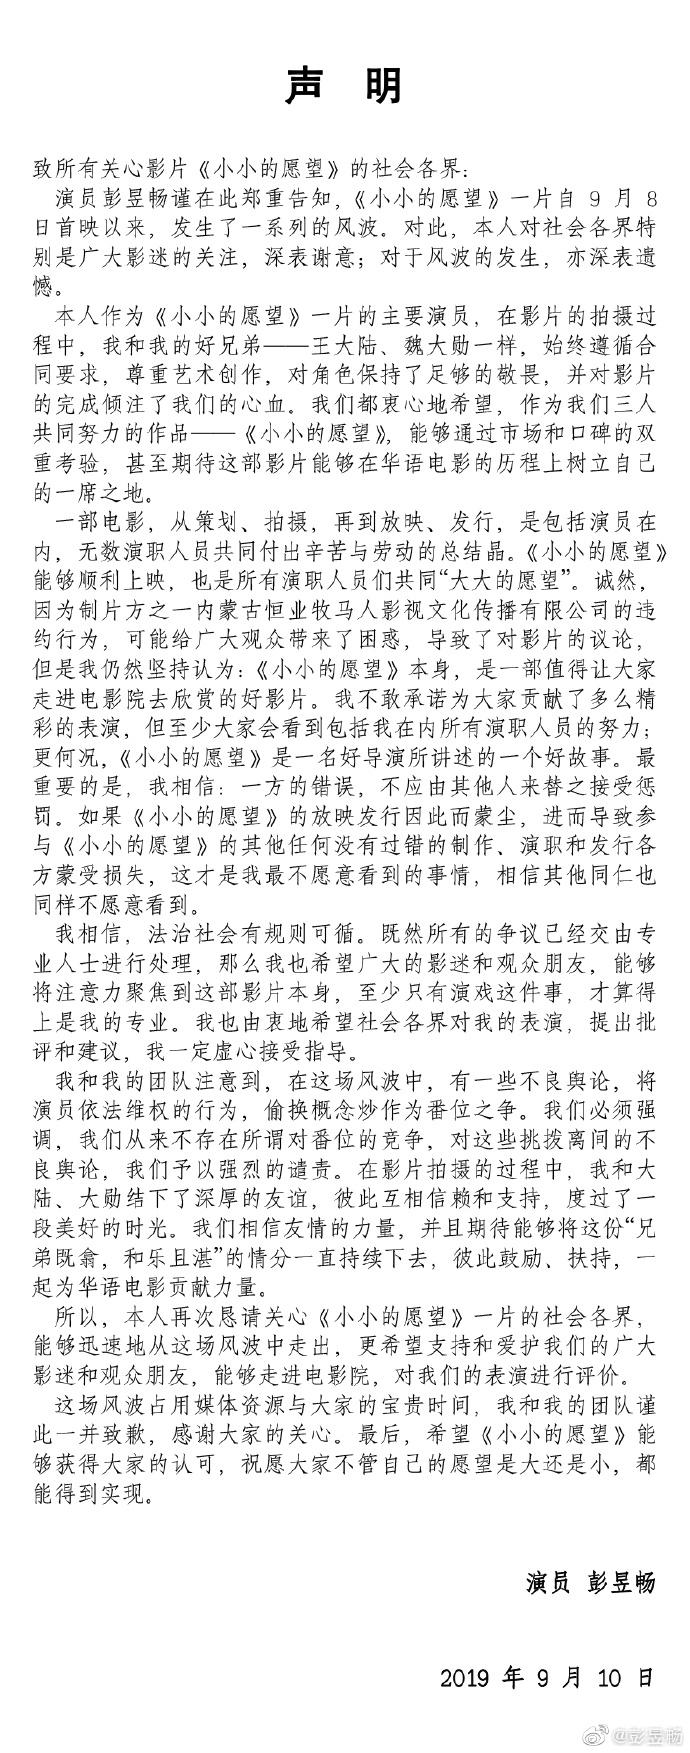 就《小小的愿望》风波 彭昱畅发文否认番位竞争